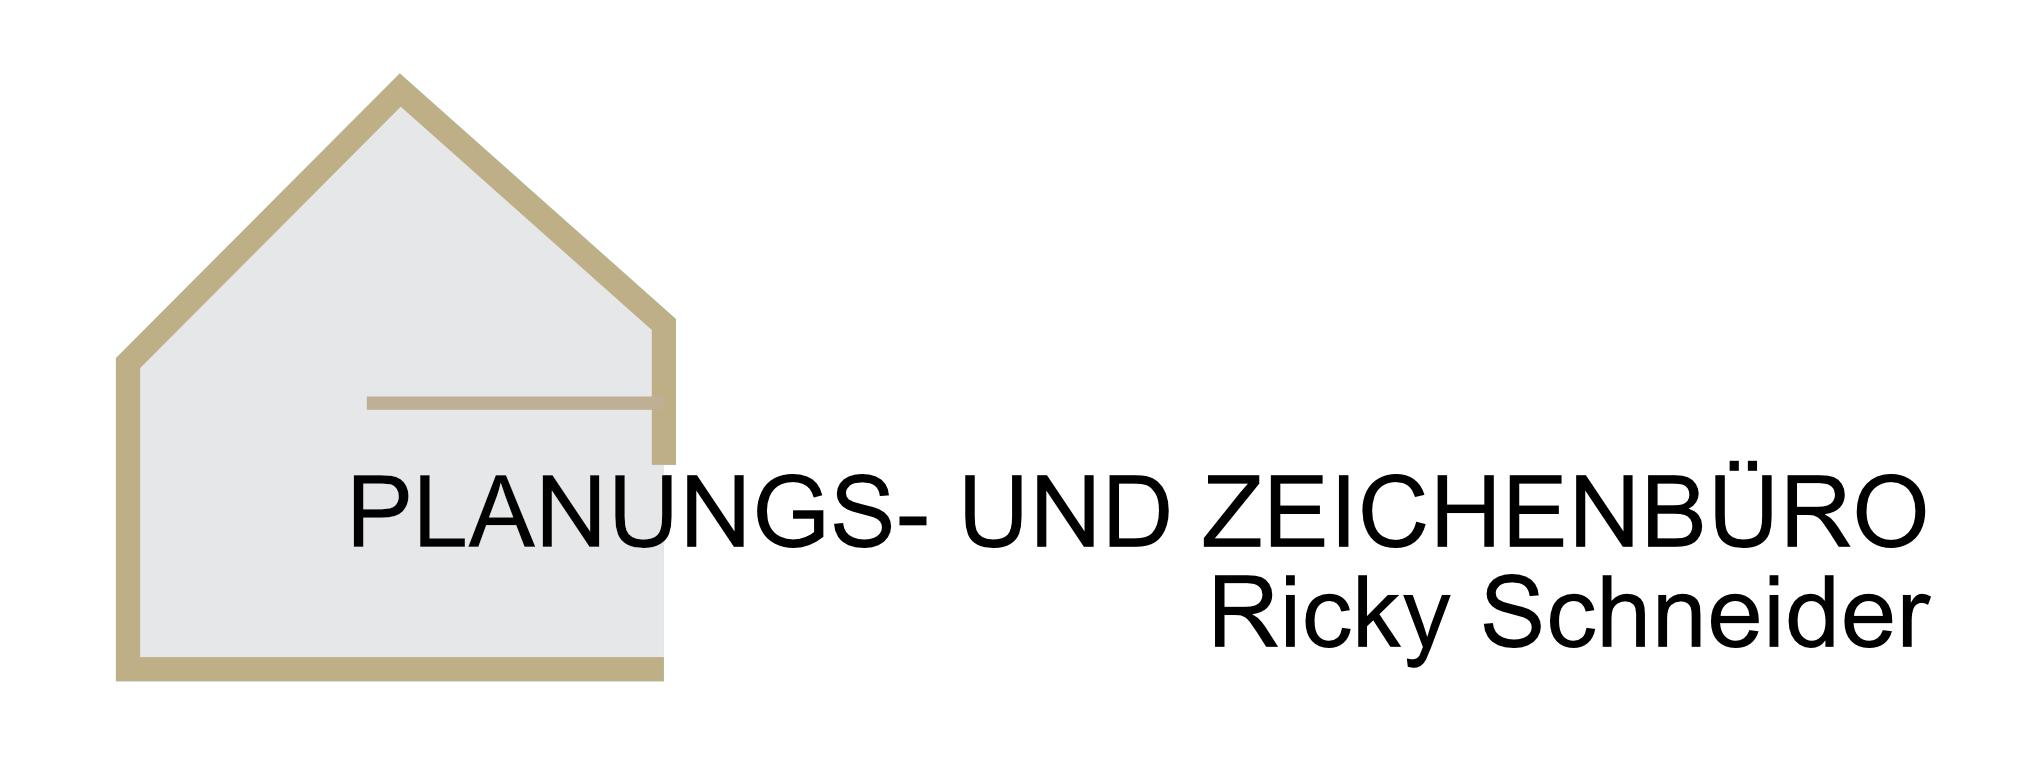 Planungs- und Zeichenbüro Ricky Schneider